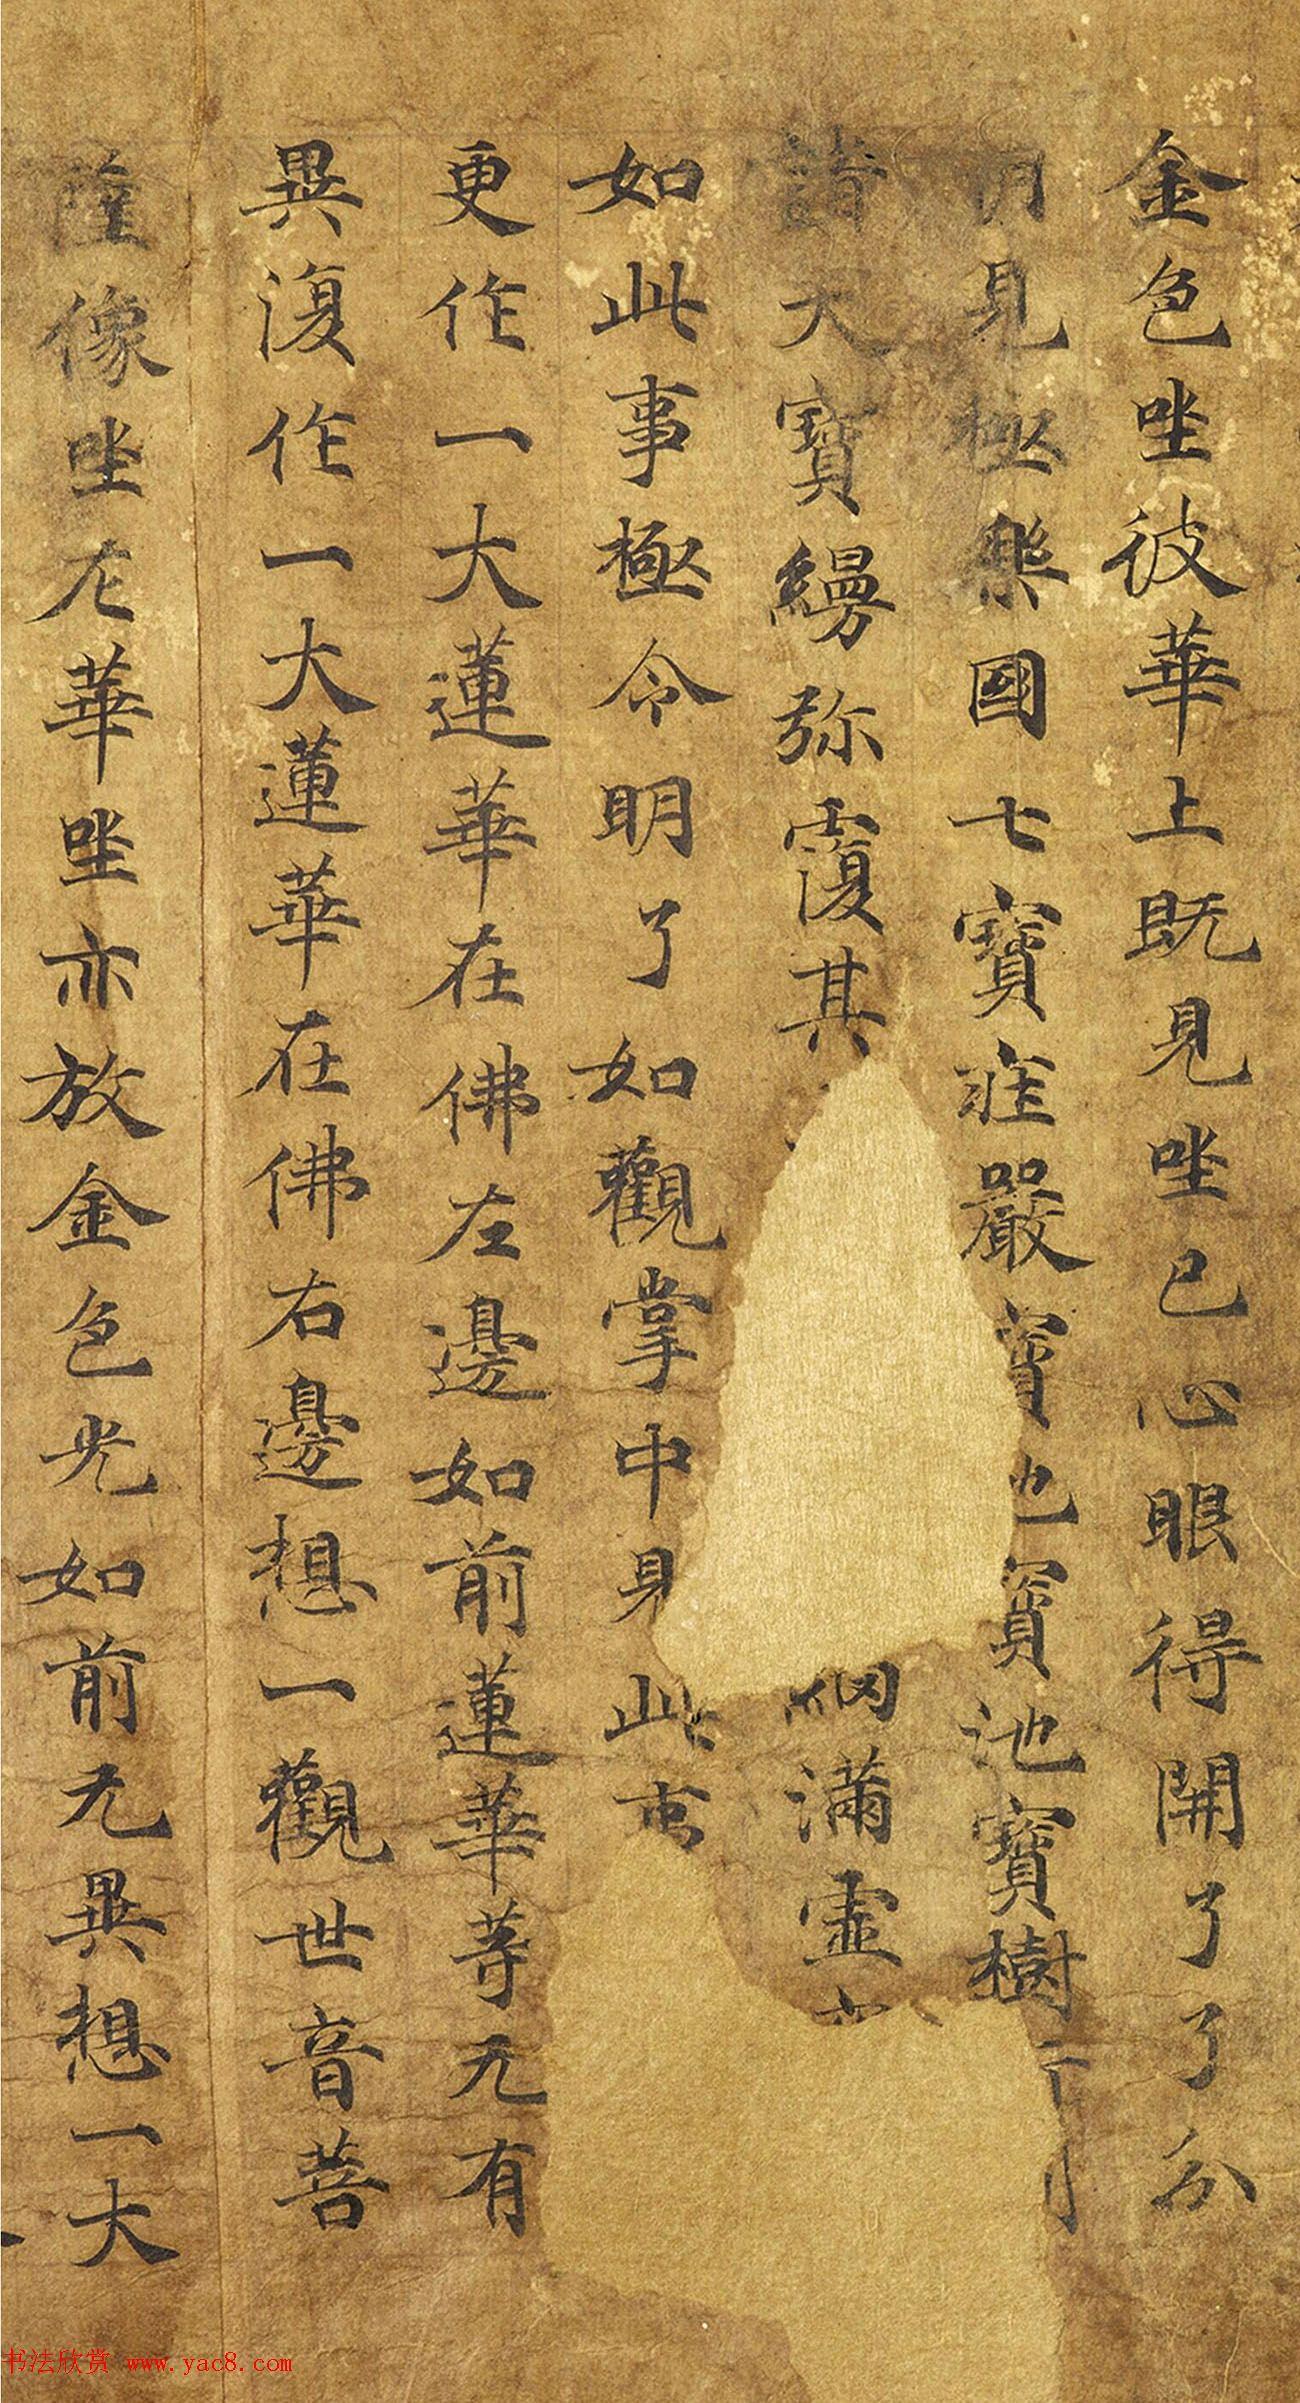 唐代写经手稿《无量寿观经》